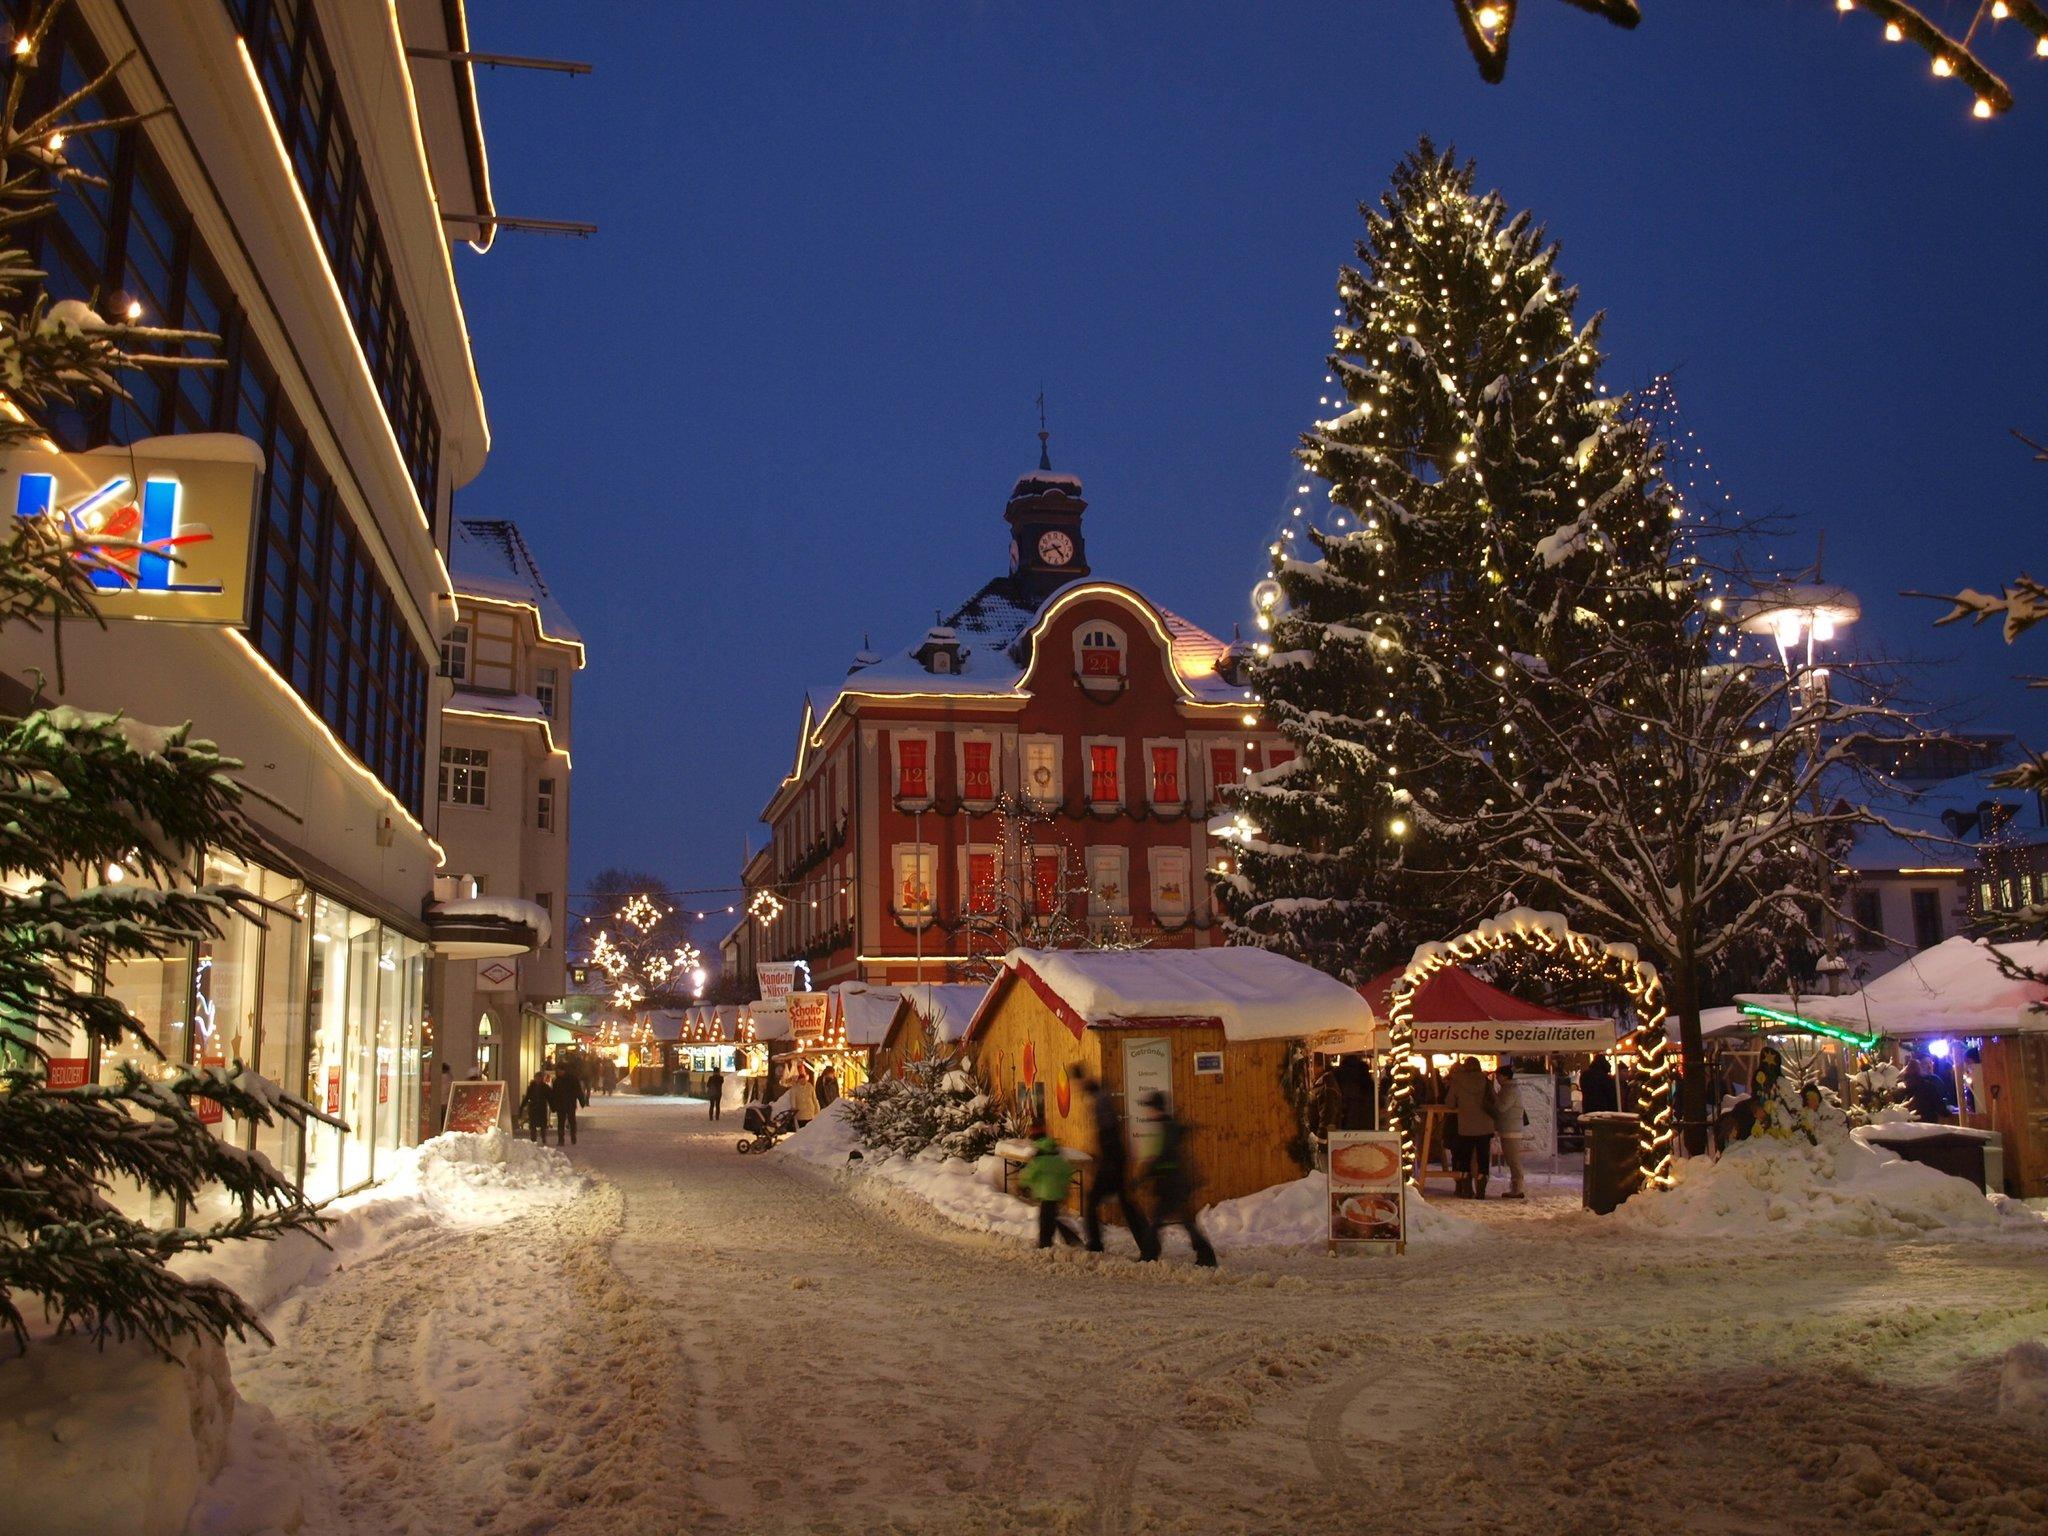 Suhl Weihnachtsmarkt.Fahrt In Die Partnerstadt Suhl Weihnachtsmarkt Auf Thüringisch